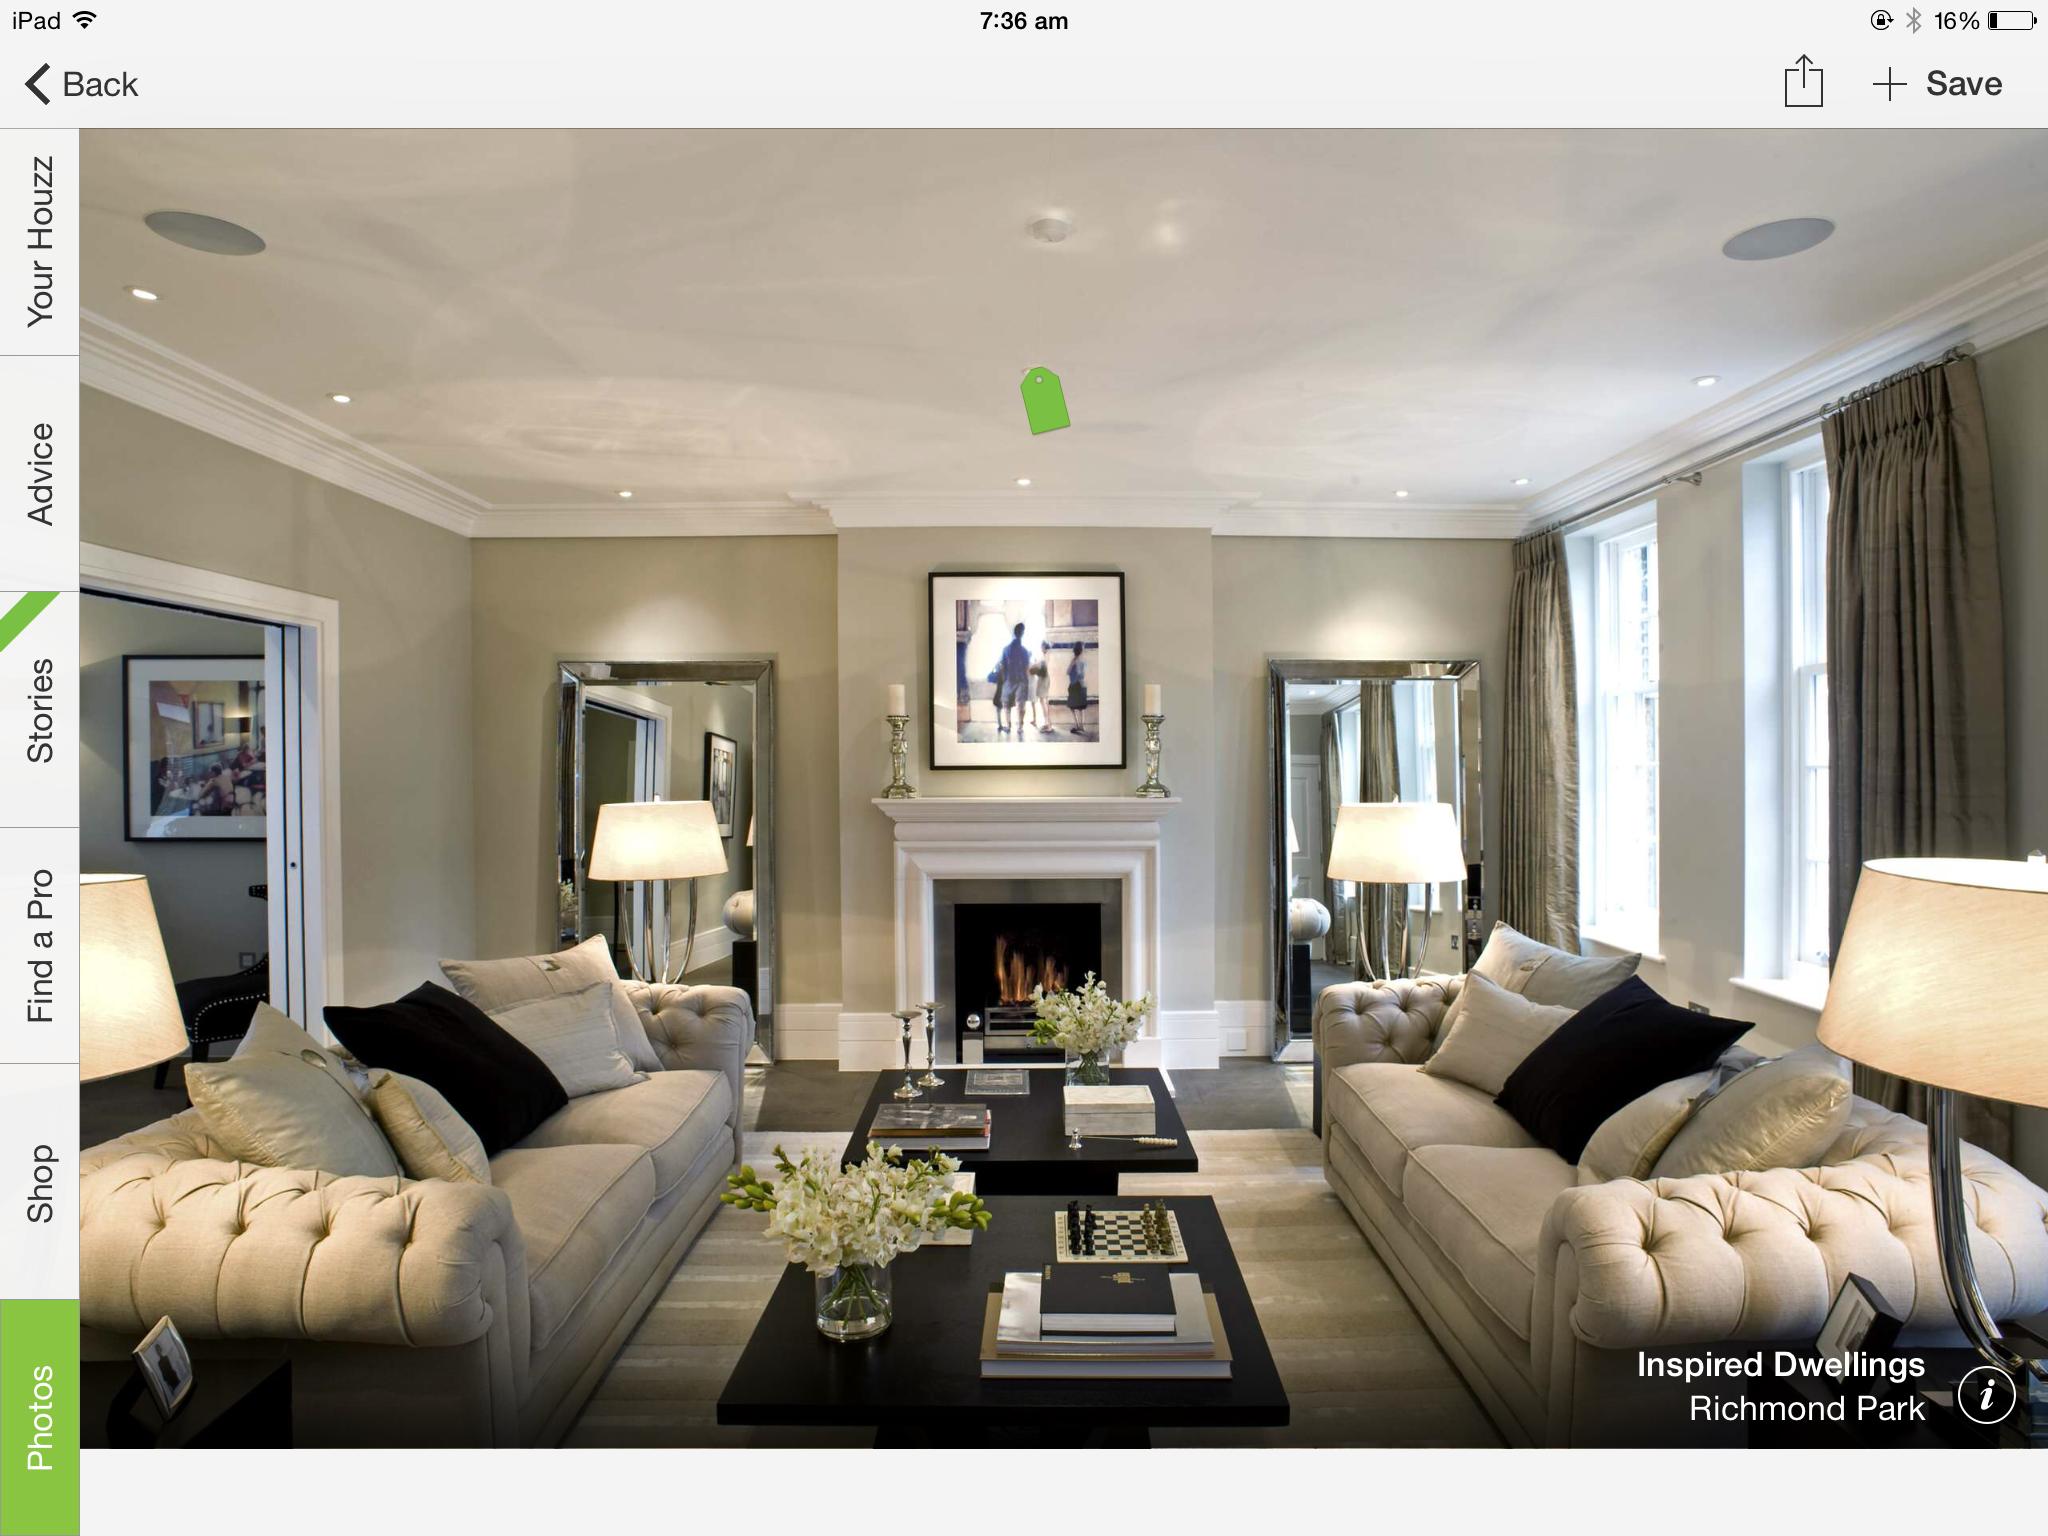 Nordisch Wohnen, Wohnideen Wohnzimmer, Badezimmer, Schlafzimmer, Haus Design,  Innendesign, Bibliothek, Liebling, Seele